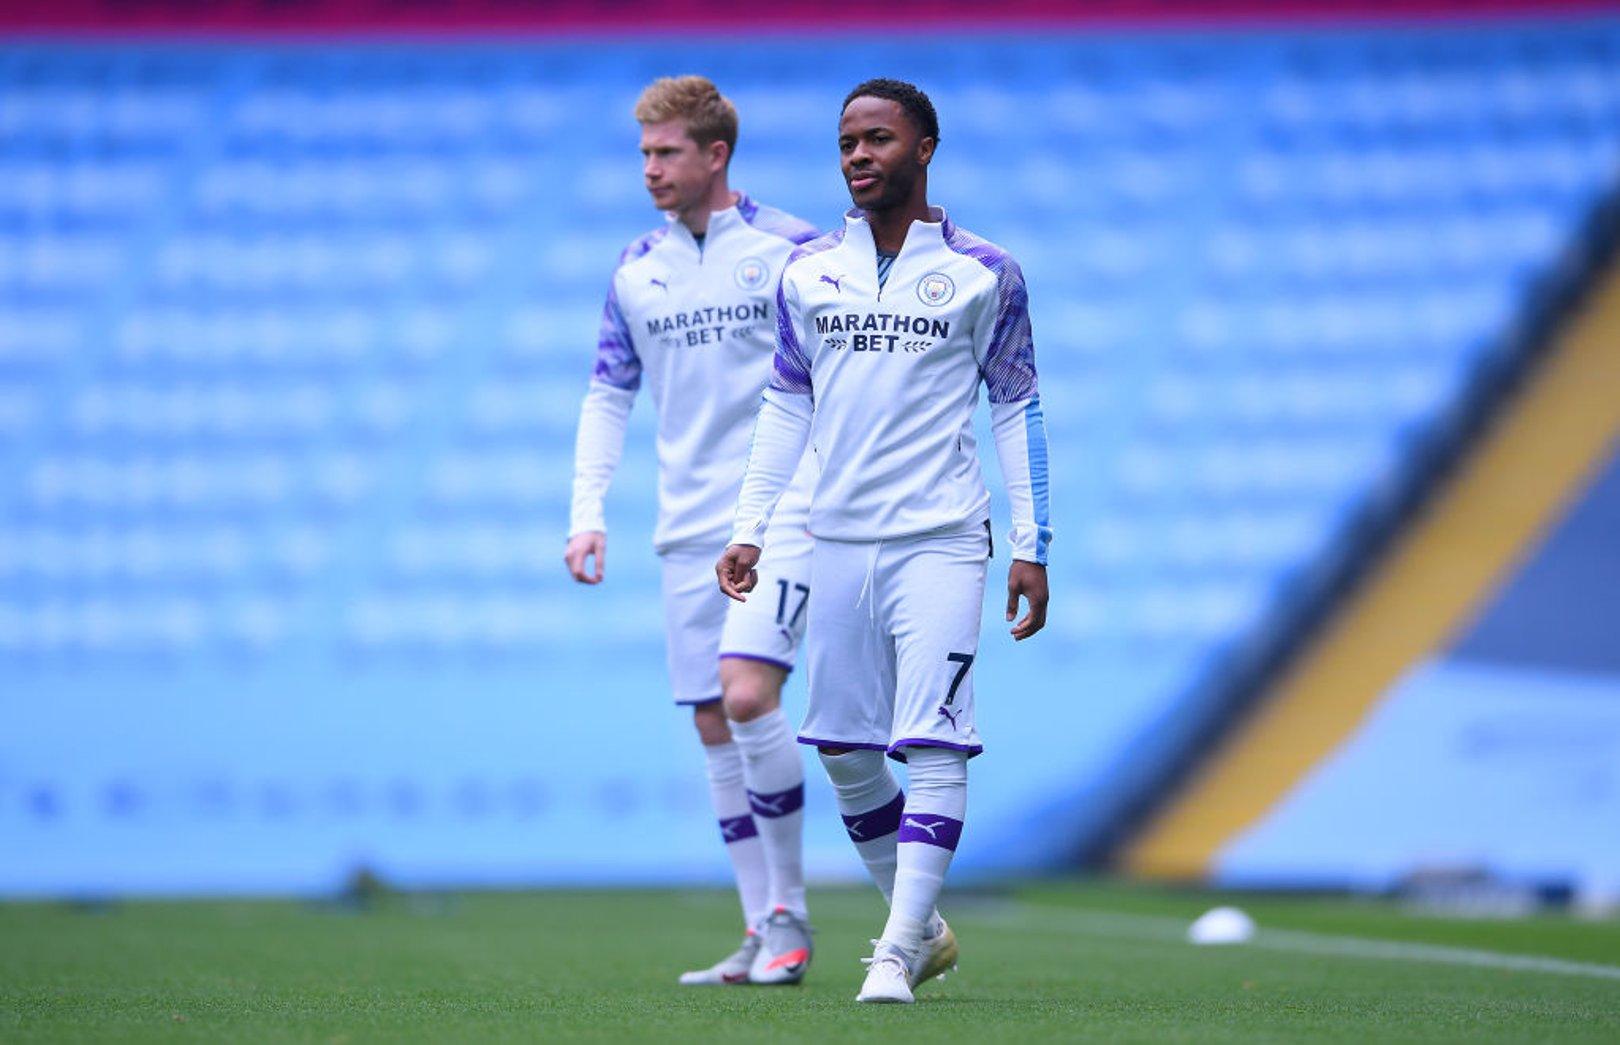 City duo nominated for PFA award